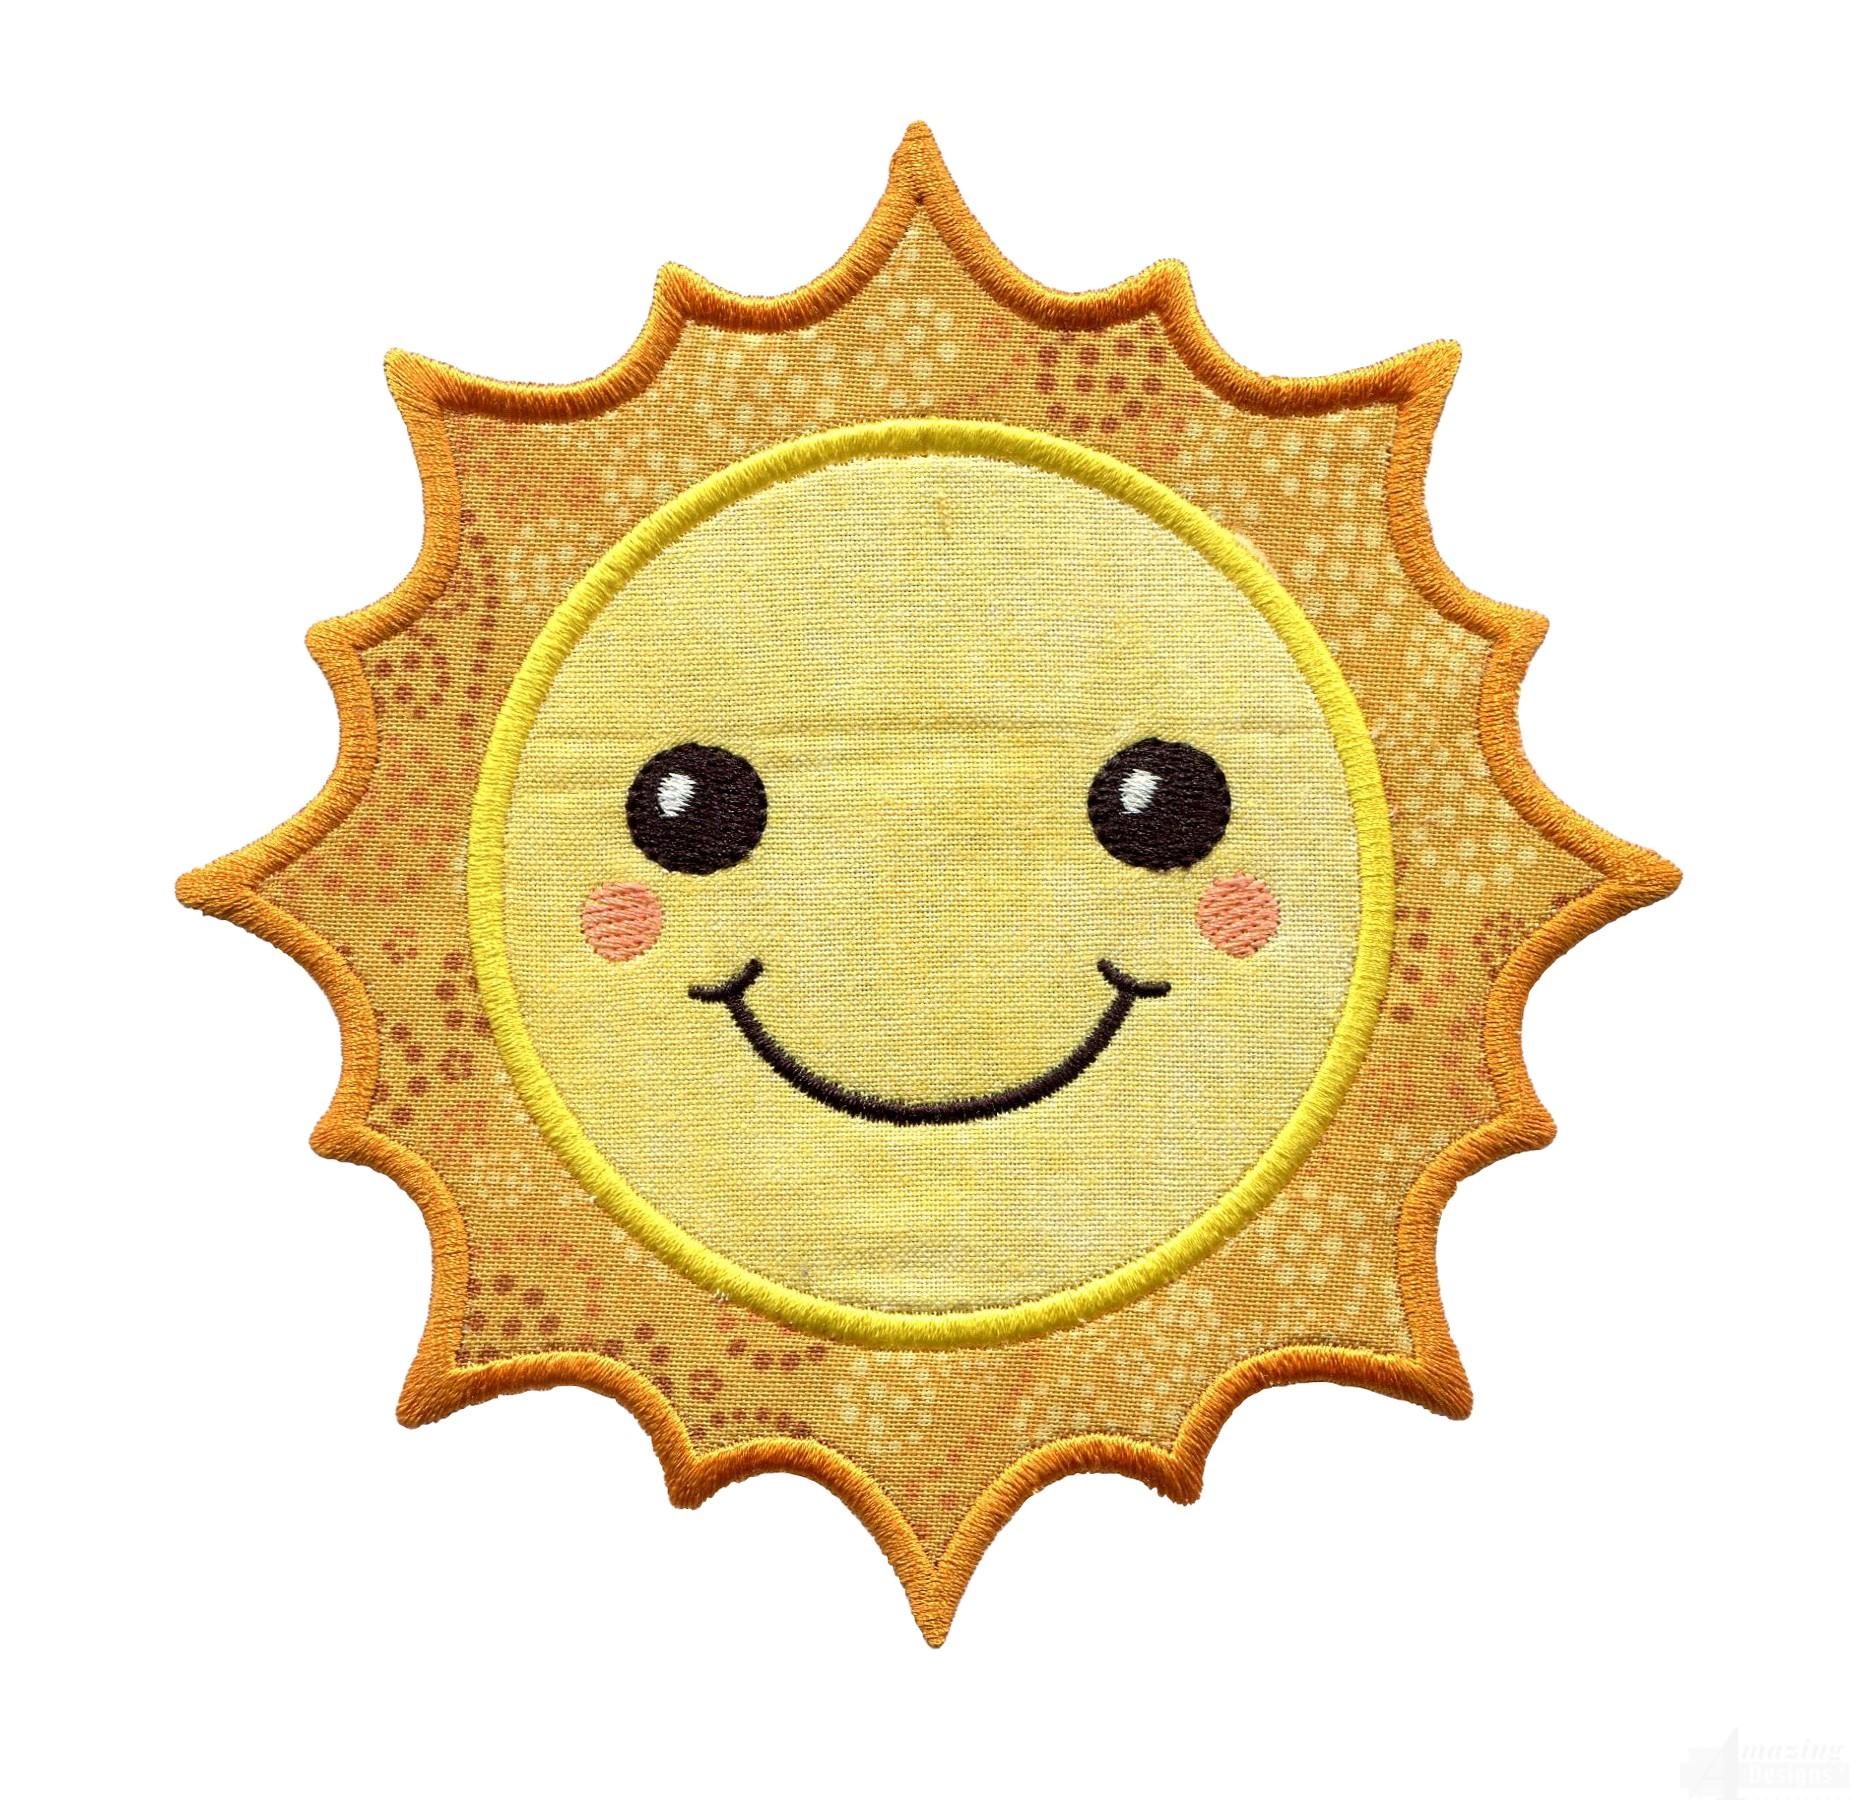 sun holiday face applique